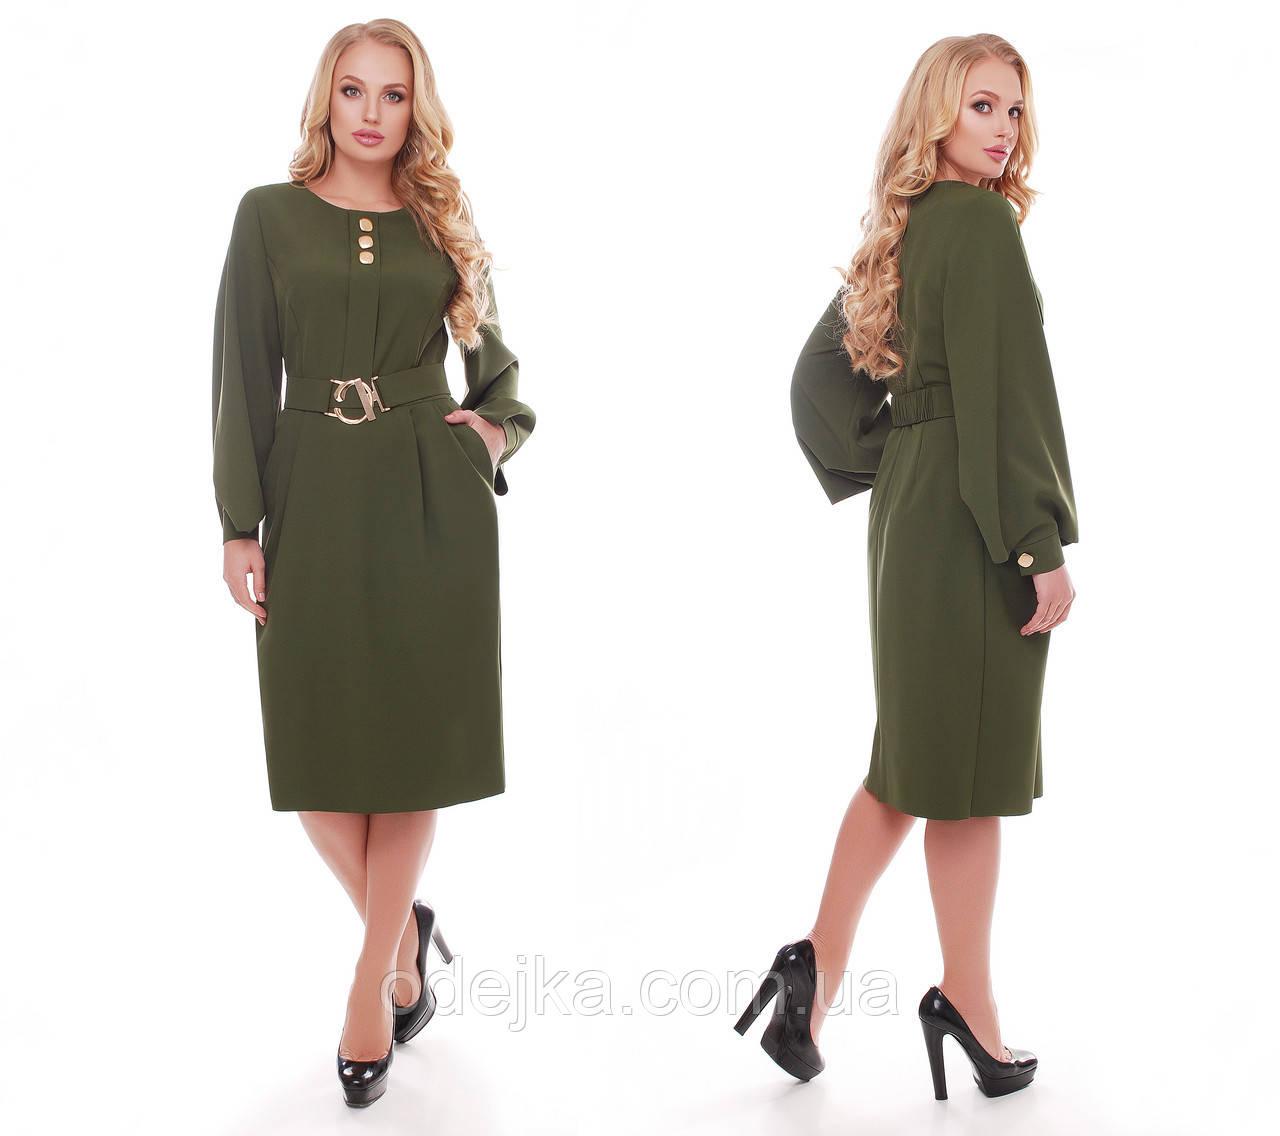 Стильне плаття жіноче Катерина оливкового кольору